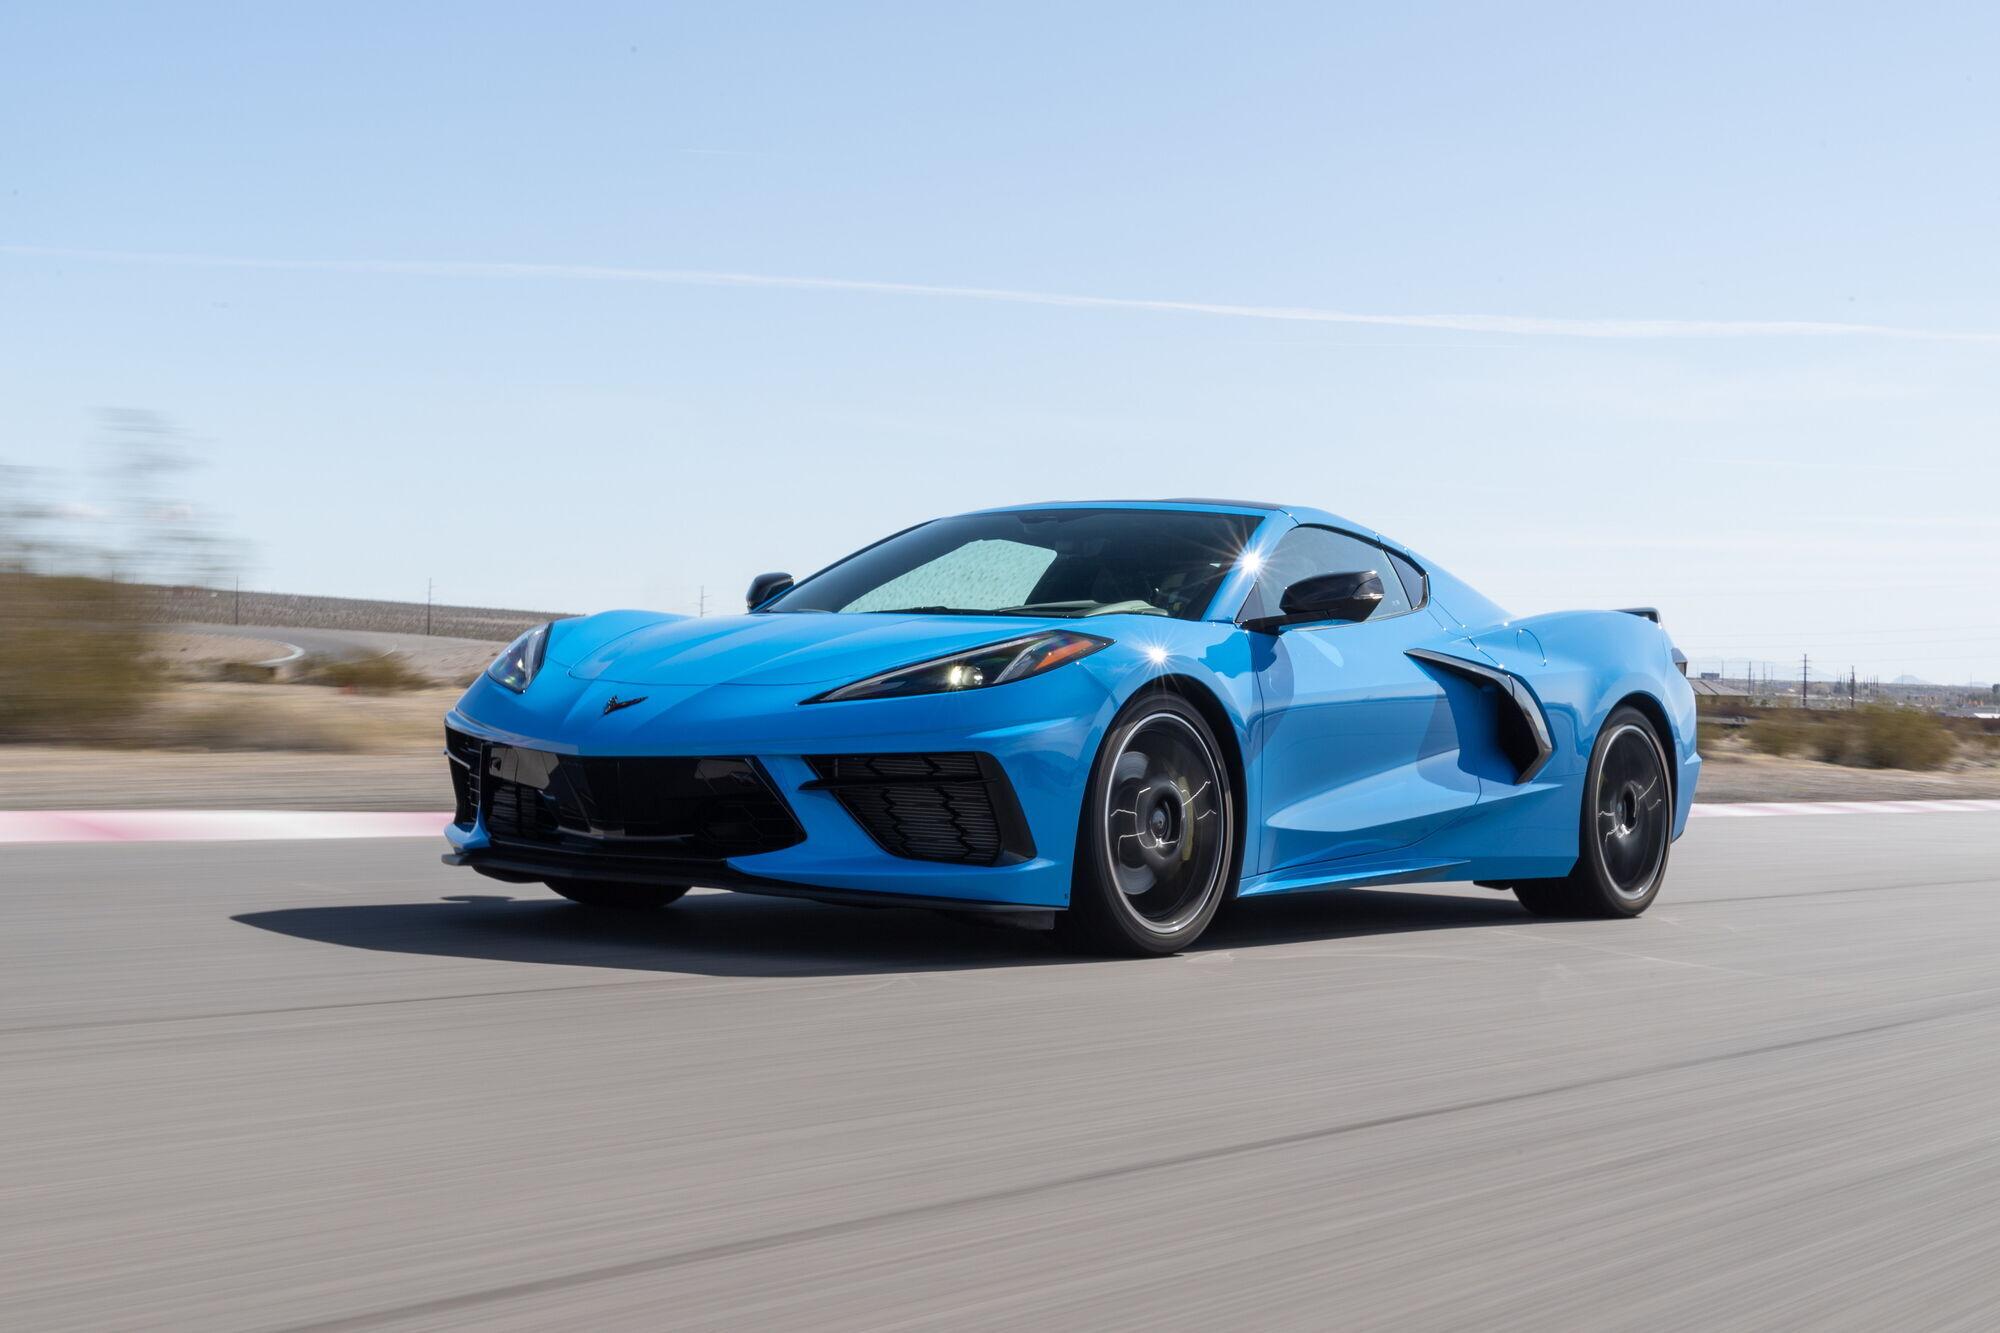 Chevrolet Corvette три месяца подряд удерживает пальму первенства среди новых авто по скорости продажи